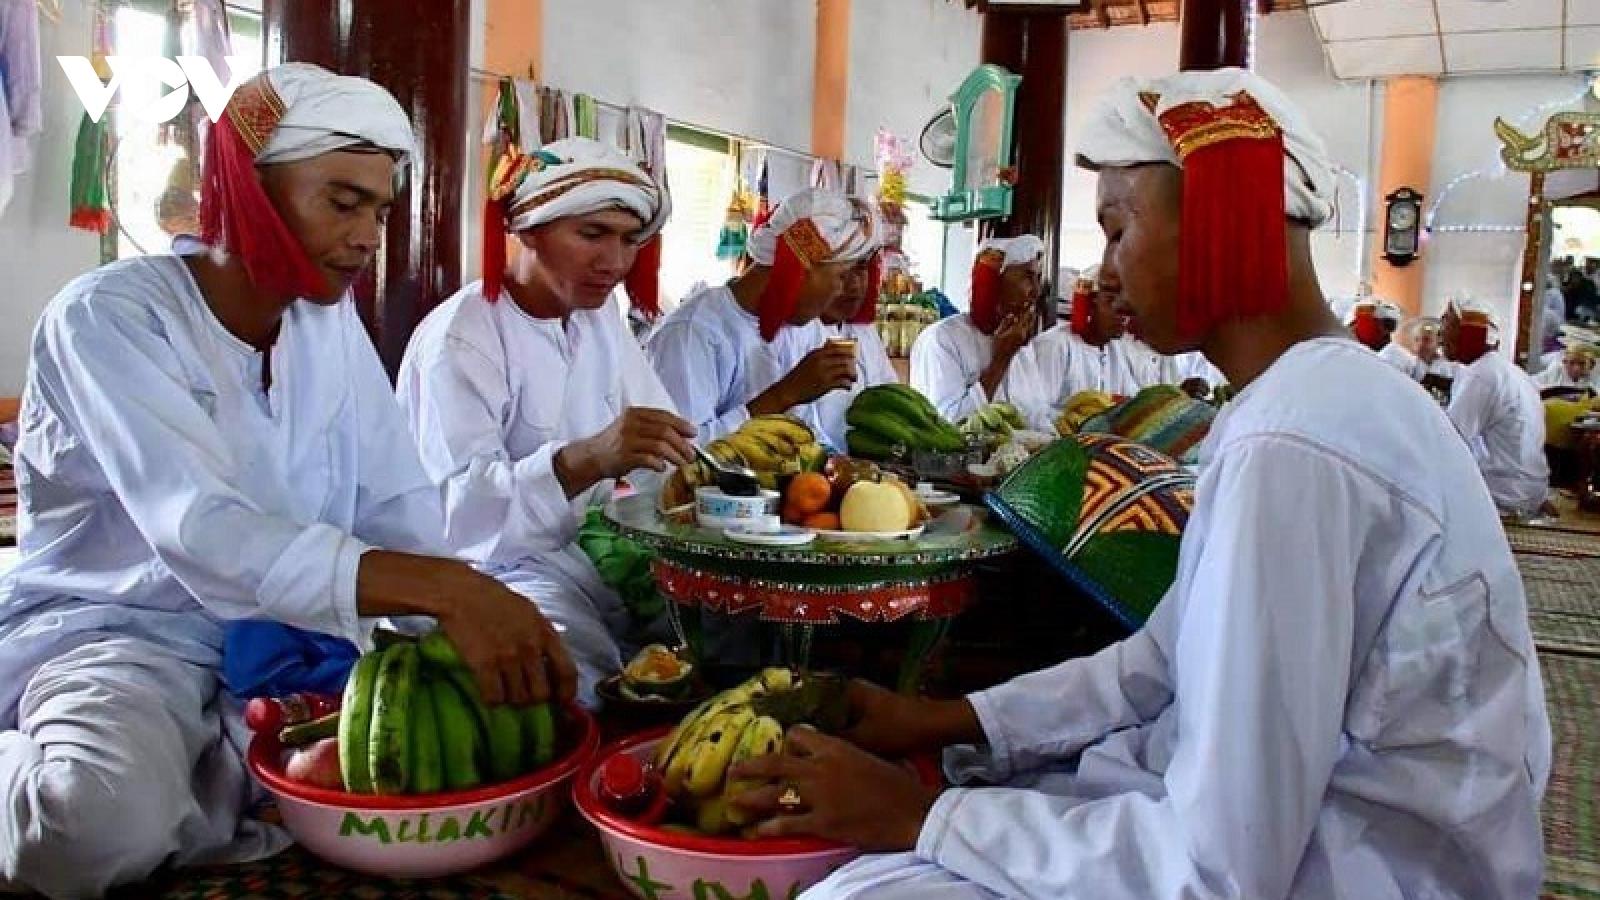 Bình Thuận cho phép các lễ hội, nghi lễ tôn giáo hoạt động trở lại